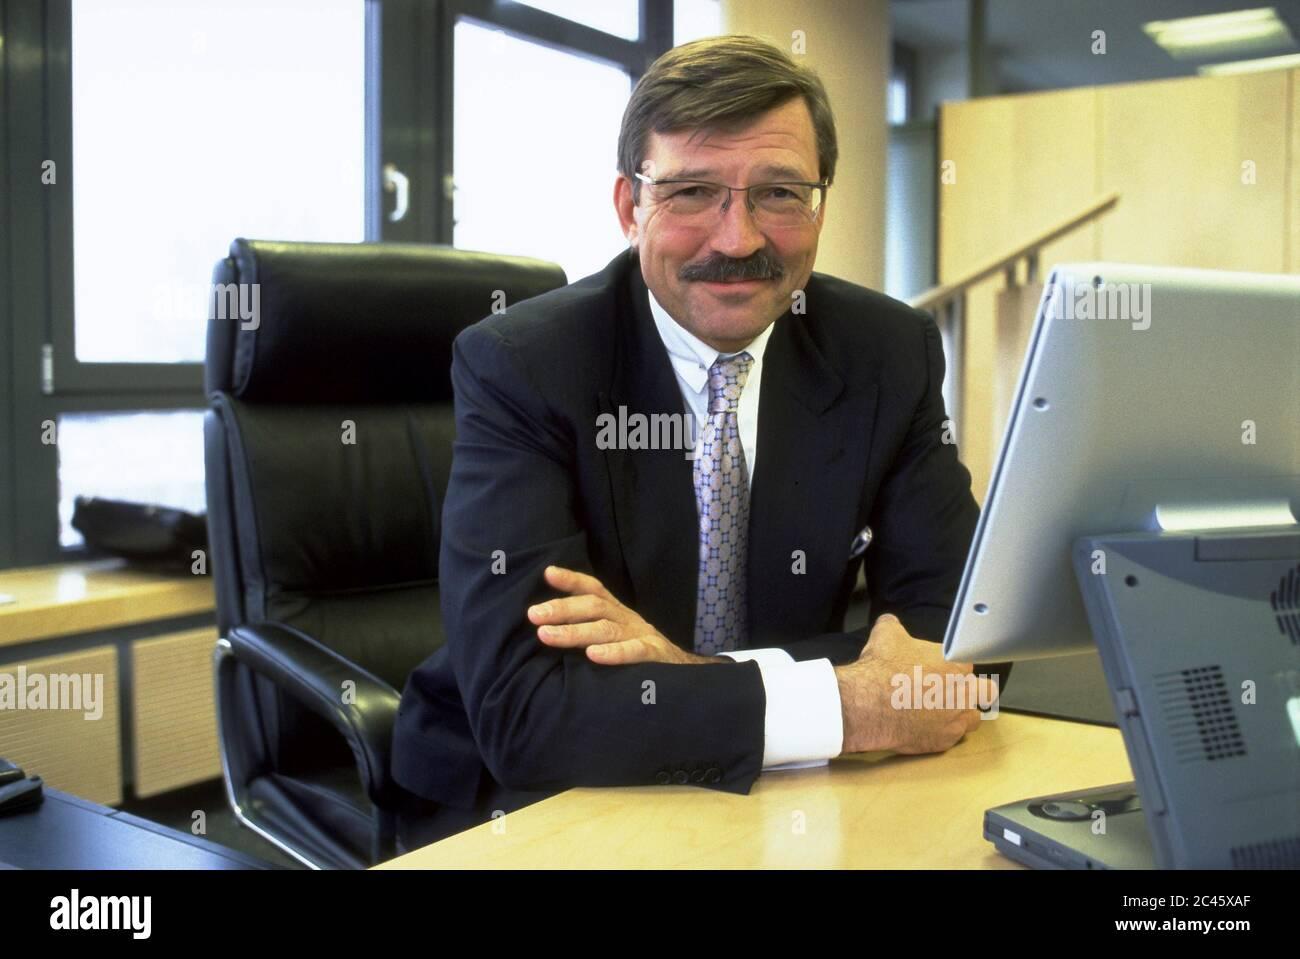 Dr. Hans-Joachim Körber - CEO of Metro AG Stock Photo